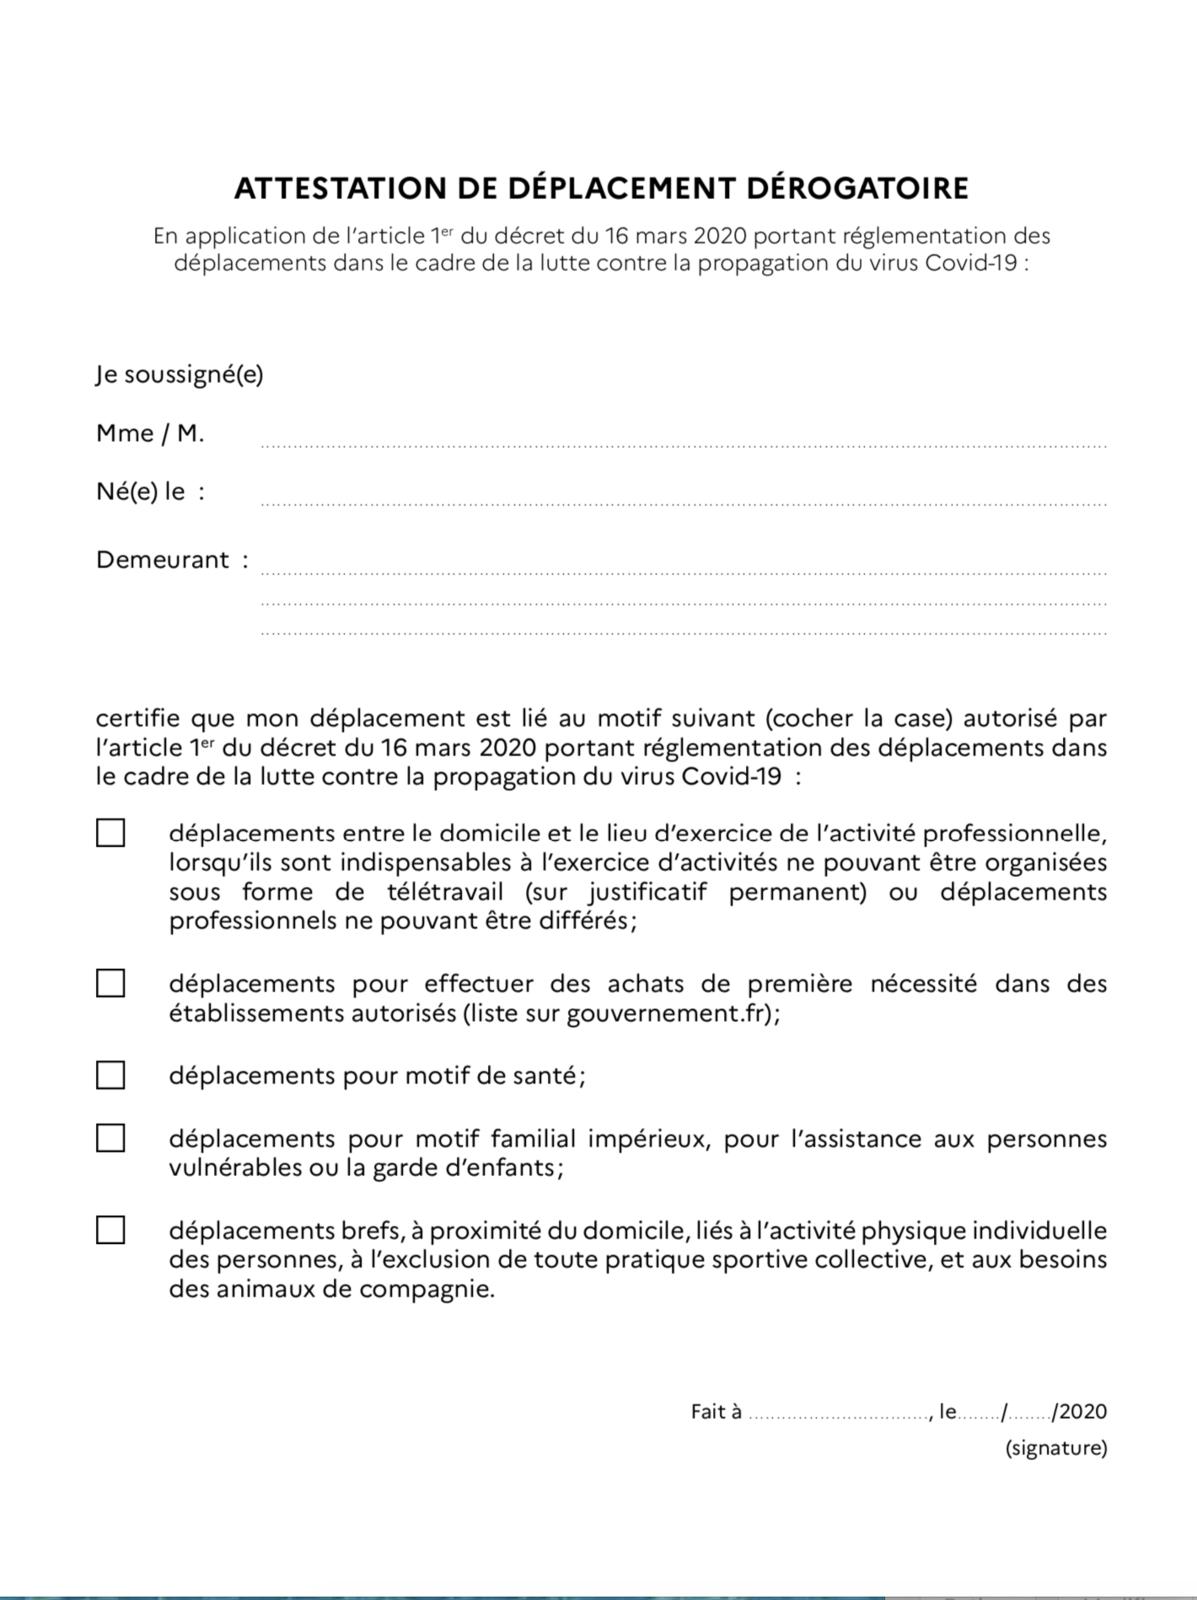 Attestation de déplacement dérogatoire : Covid-19